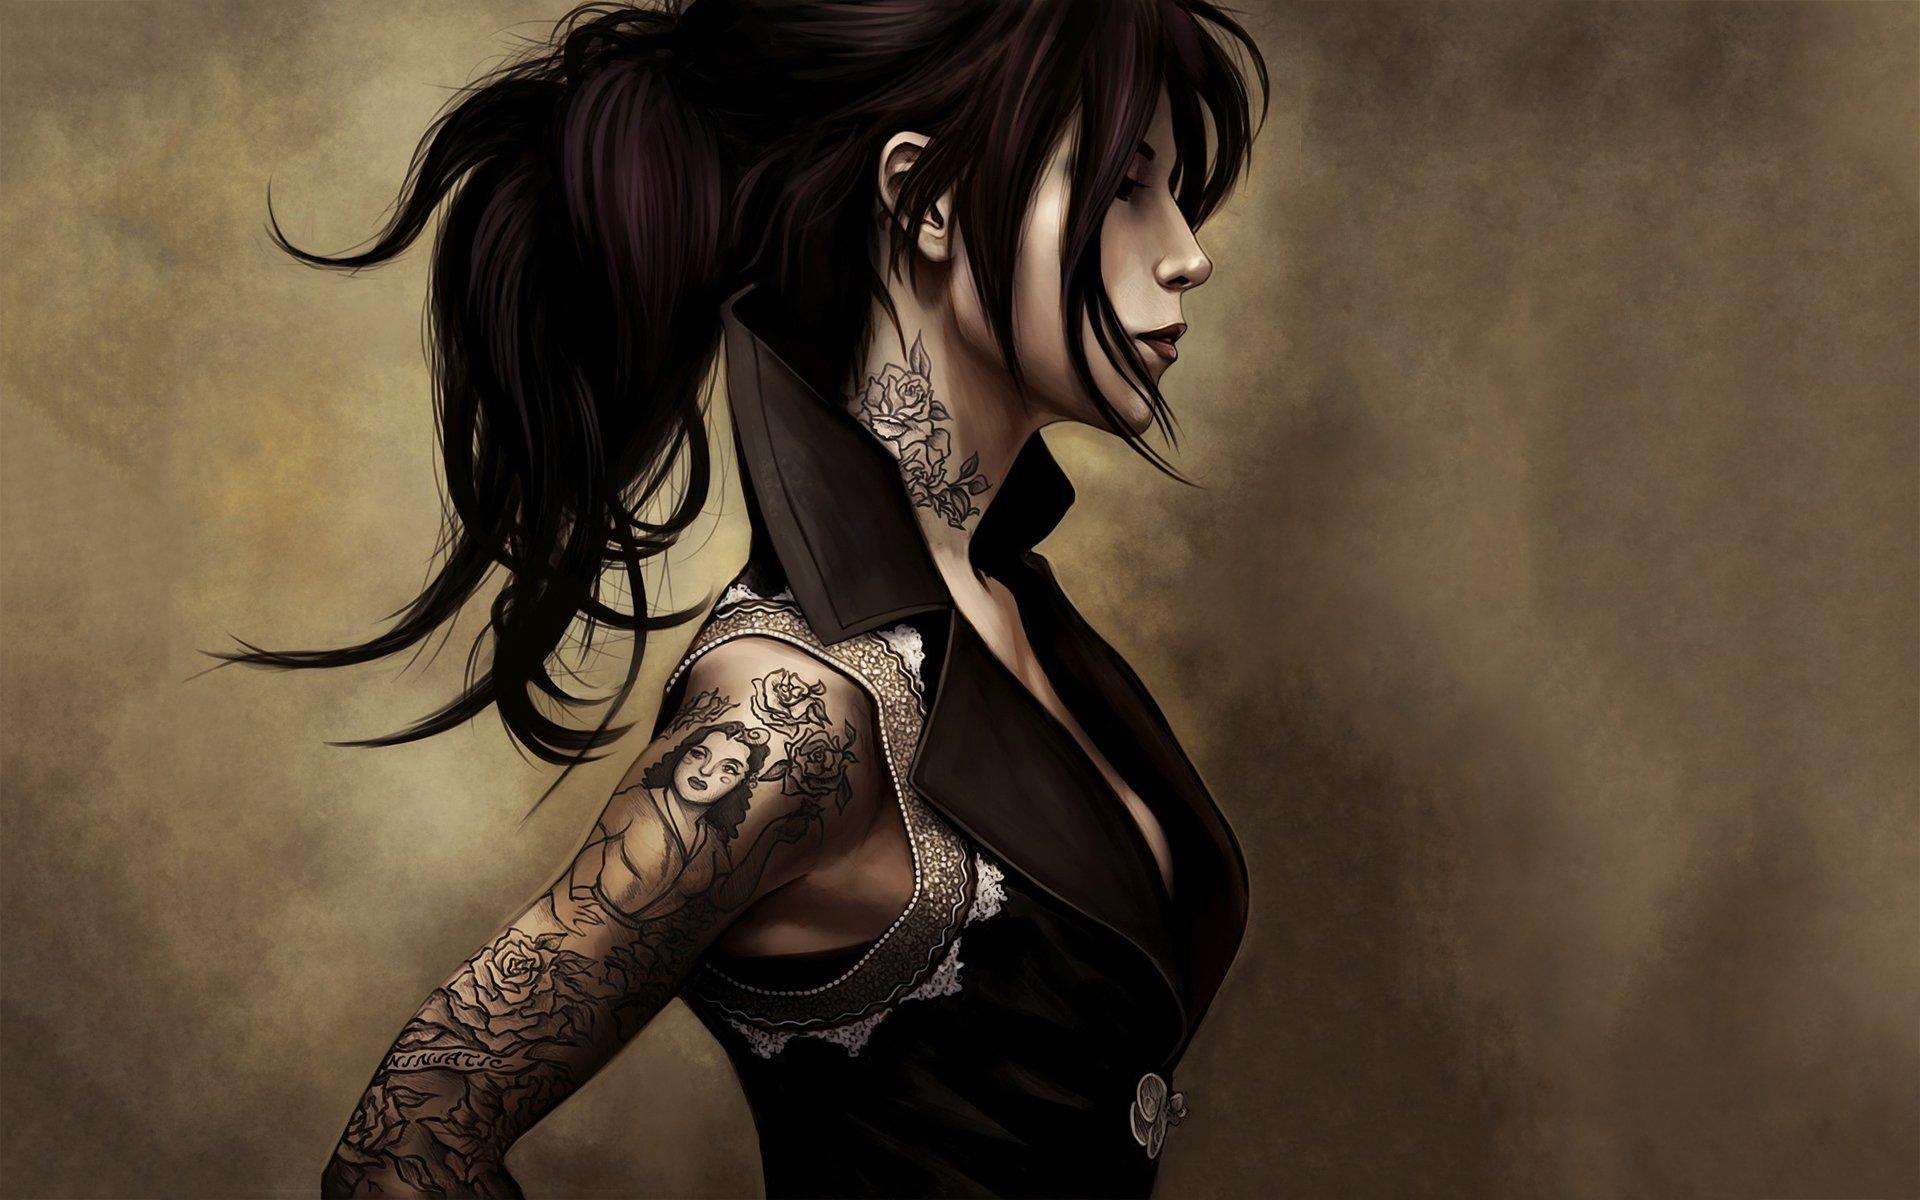 Fond D Écran Tatouage tatouage fond d'écran hd | arrière-plan | 1920x1200 | id:443140